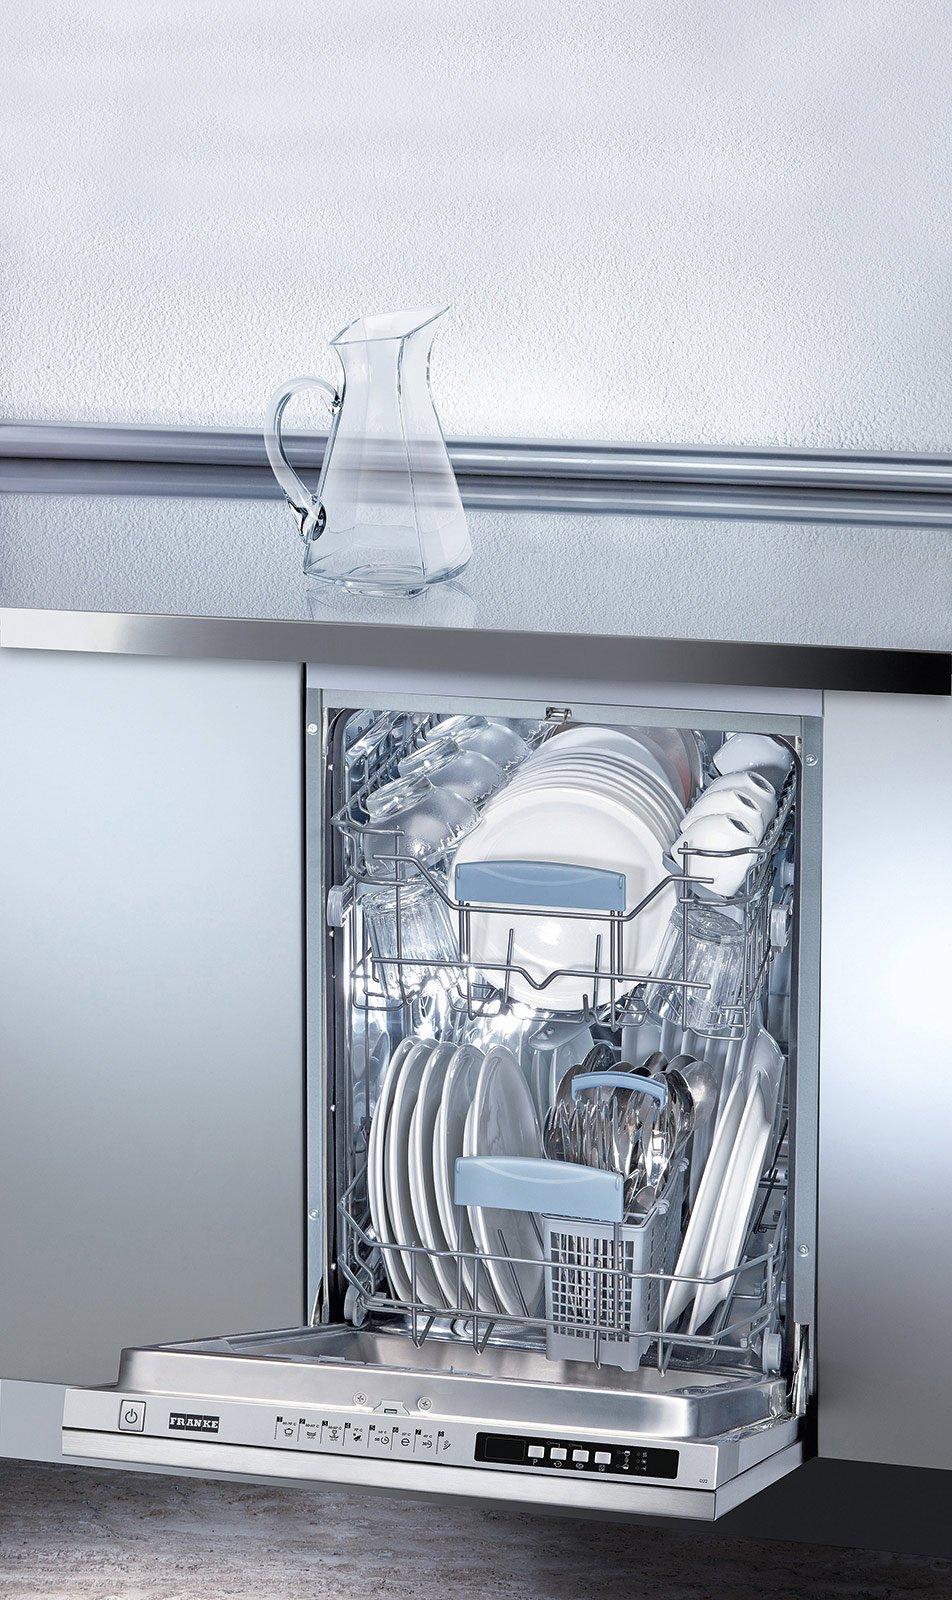 Lavastoviglie piccole per risparmiare spazio e consumi - Cose di Casa